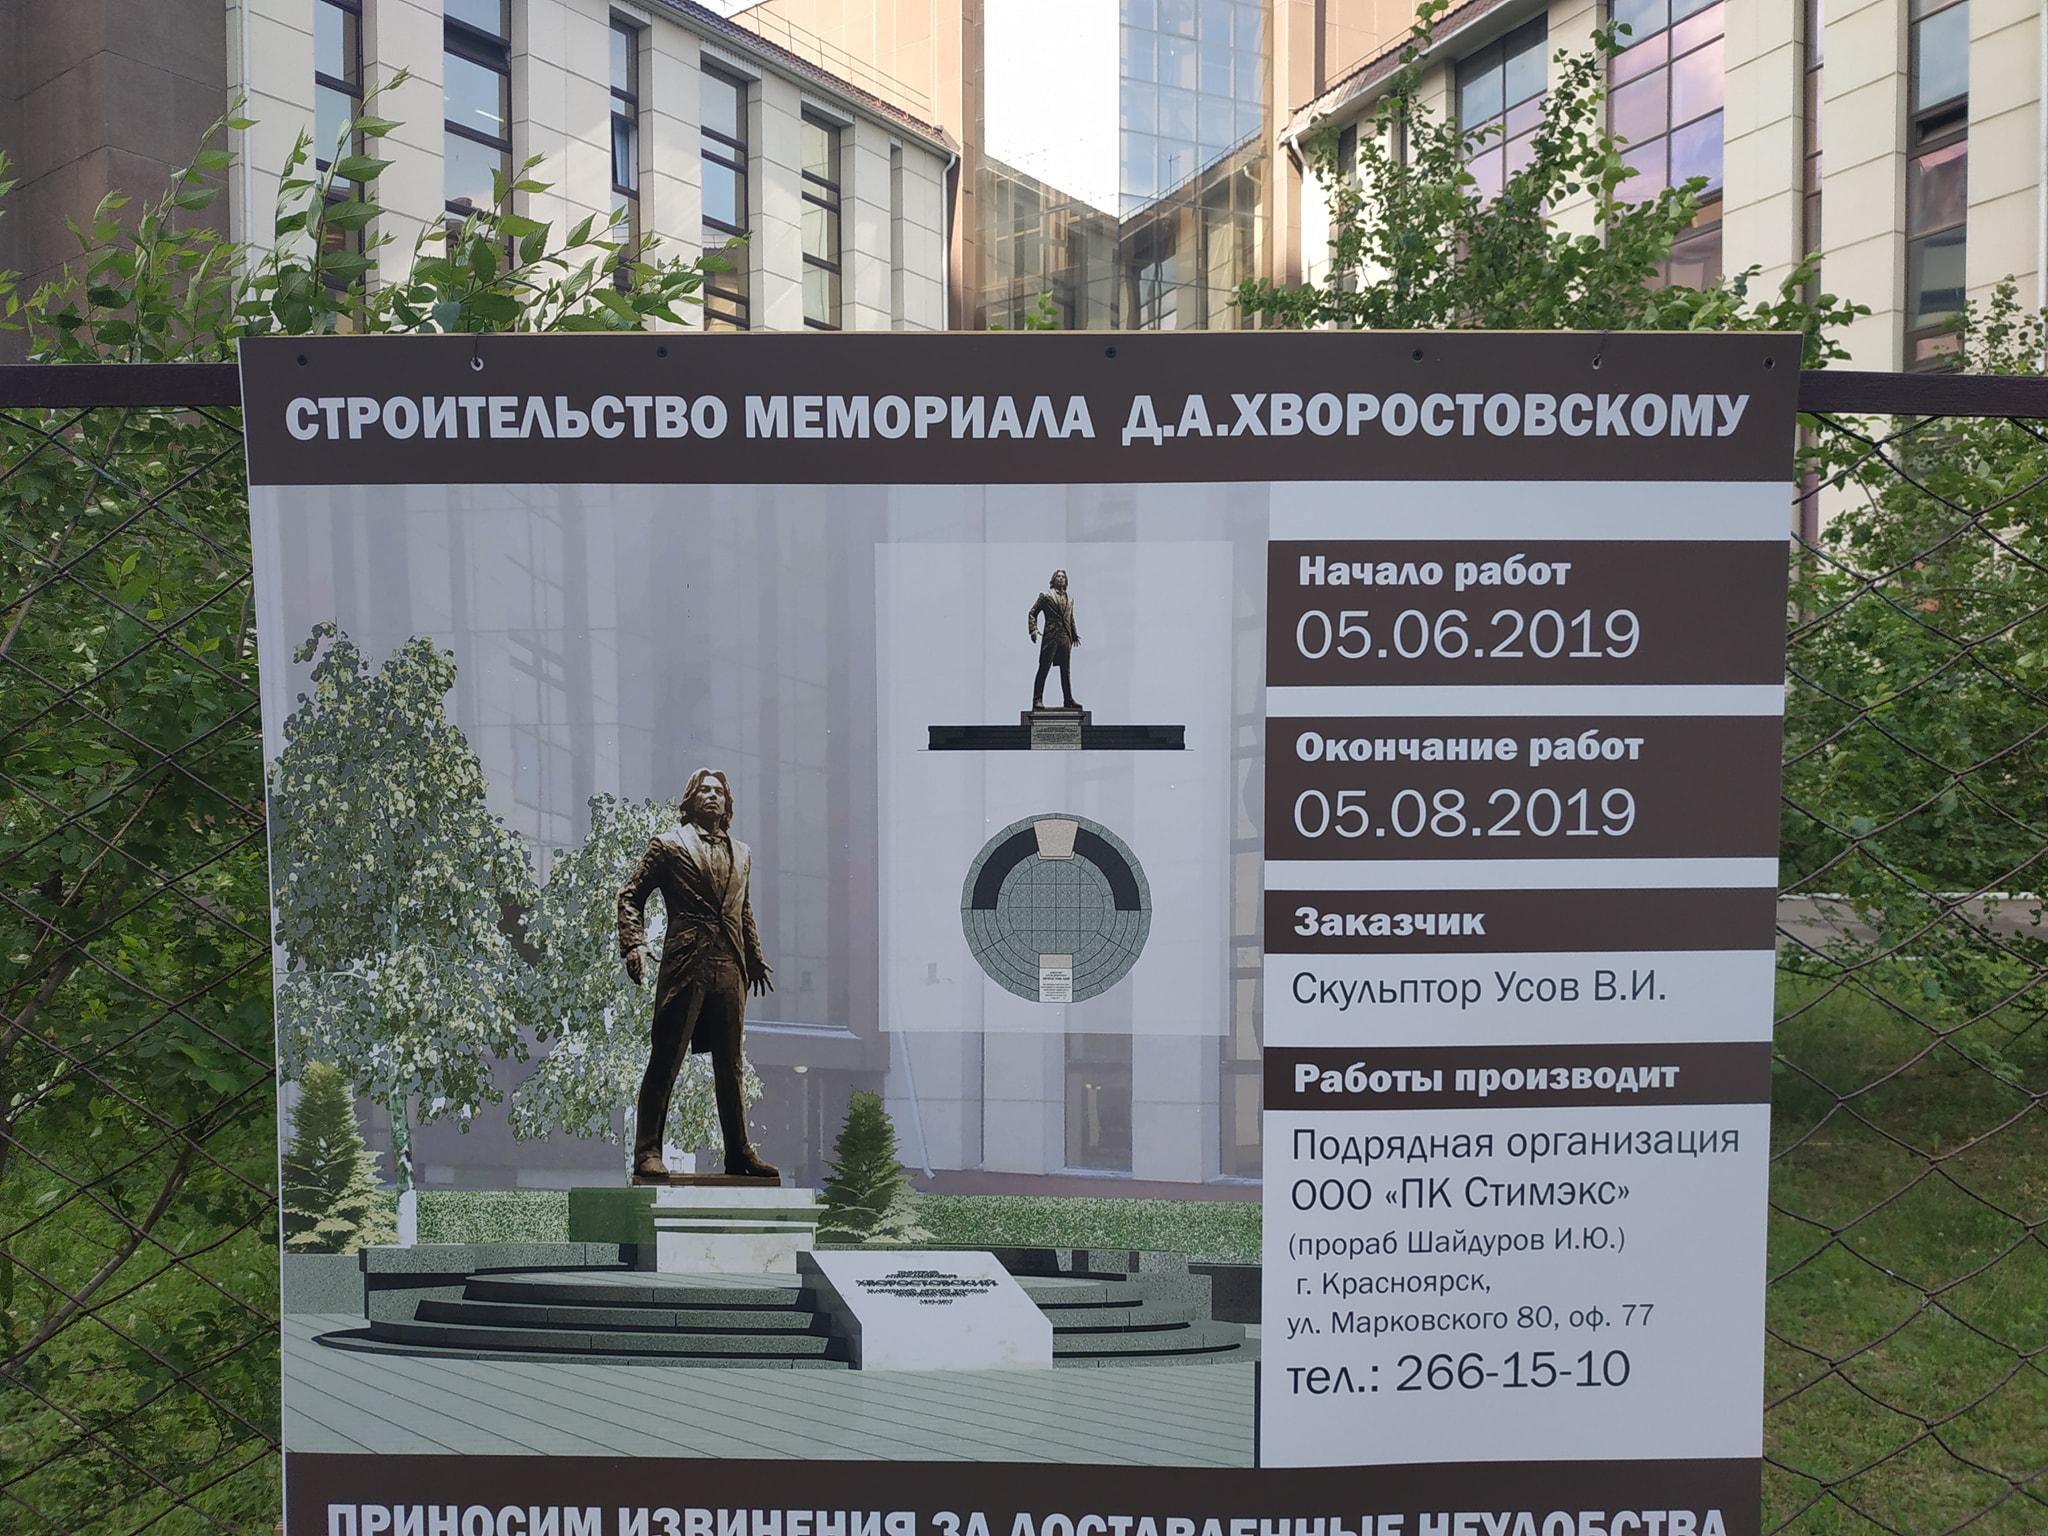 Строительство мемориала Дмитрию Хворостовскому в Красноярске планируют завершить в августе